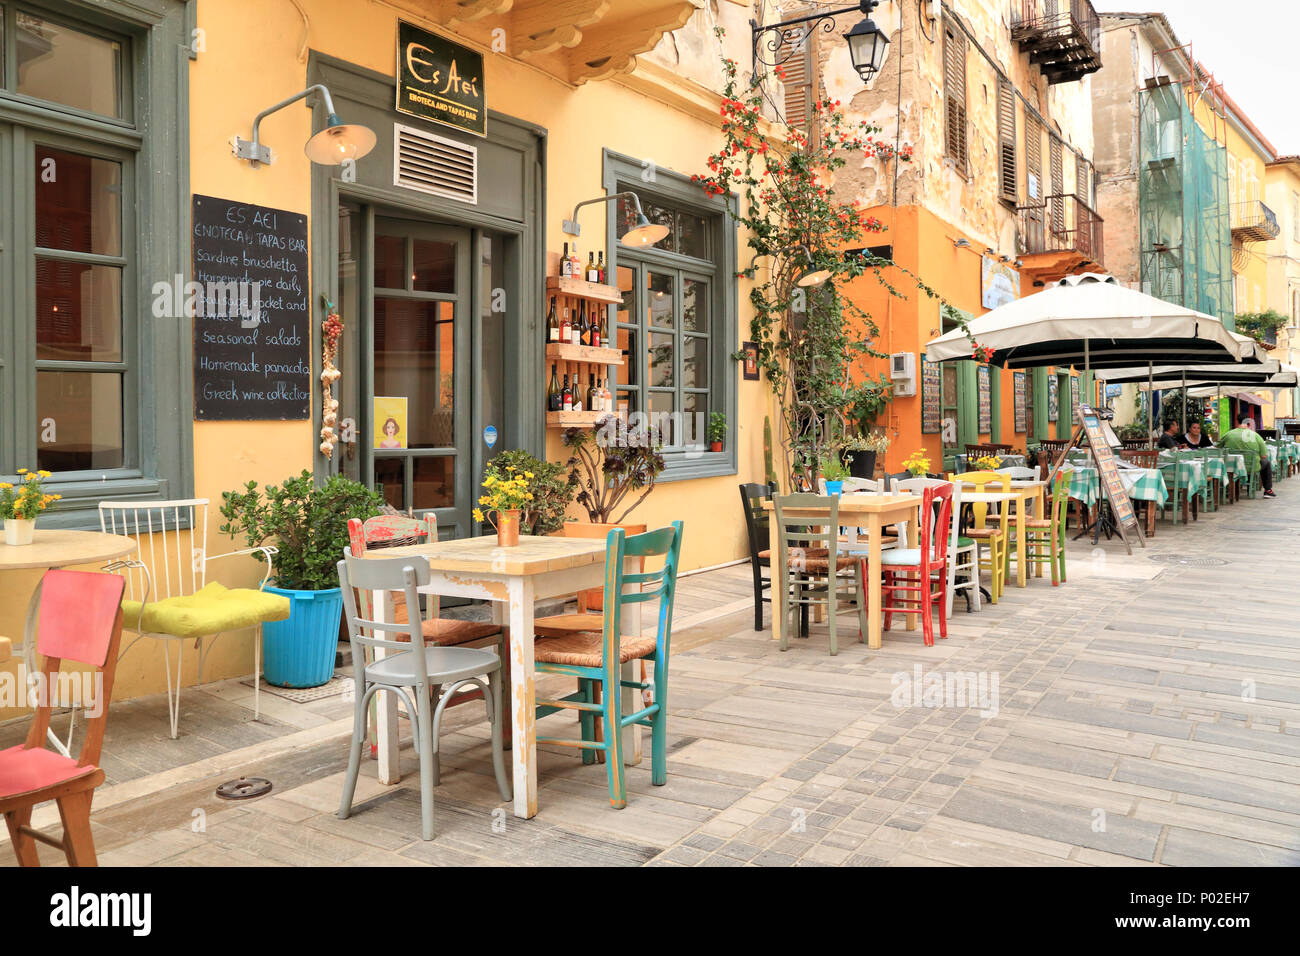 Bar café grec, 'es', de l'AEI et Enoteca Bar à tapas, un bar à vins colorés, Nauplie Grèce Banque D'Images